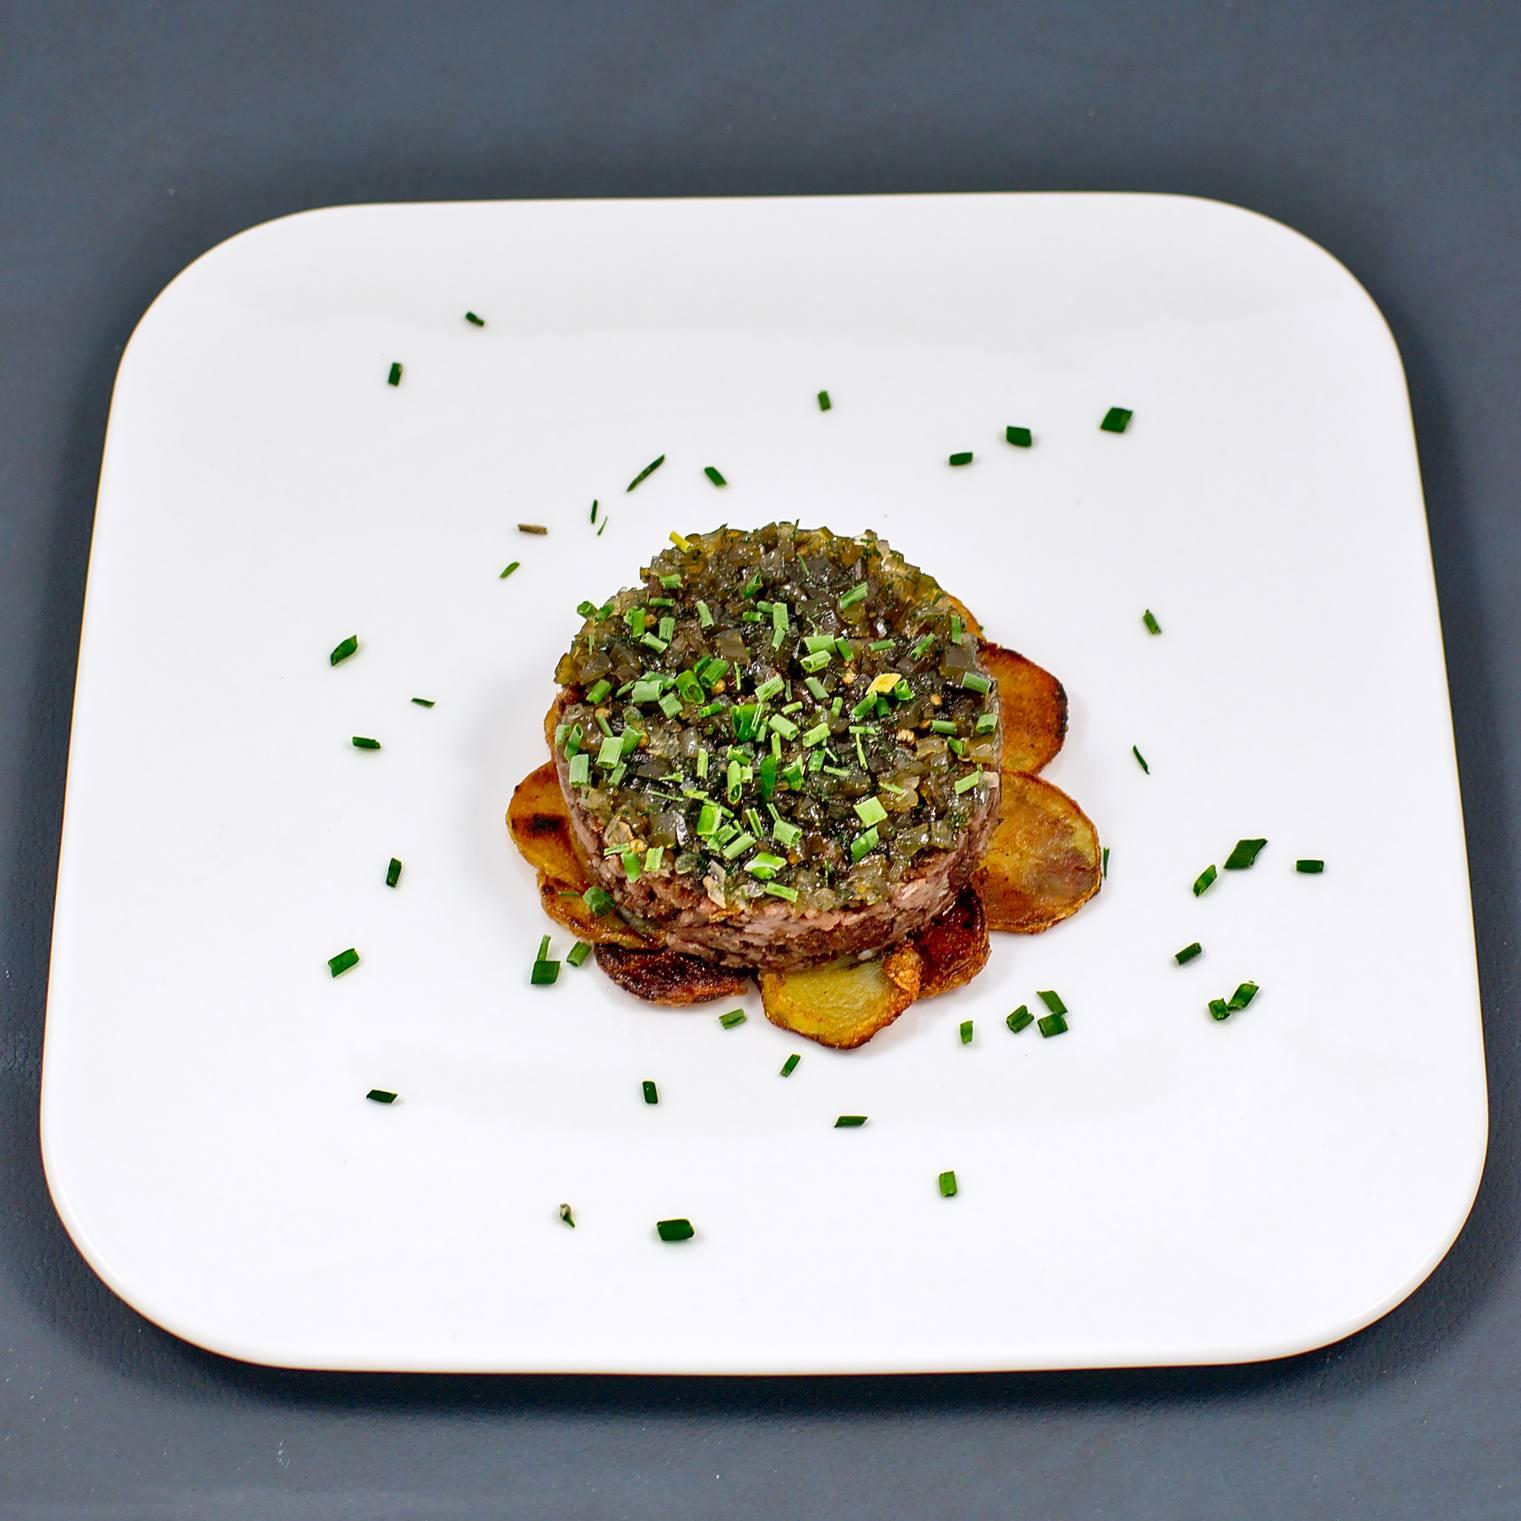 Westfälische Rinderwurst | Bratkartoffeln | Gewürzgurkenrelish